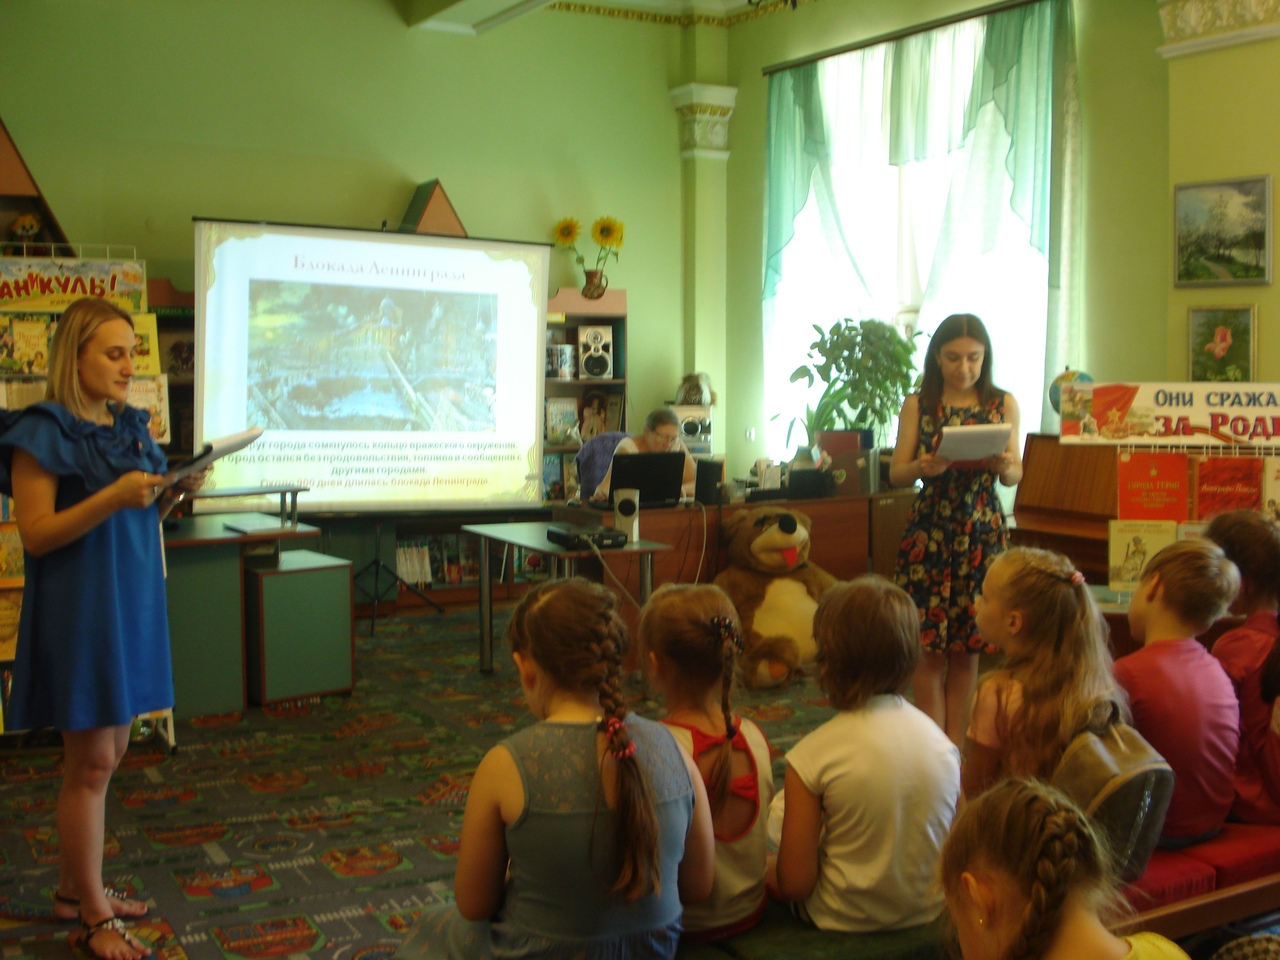 день памяти, вспомним всех поименно, донецкая республиканская библиотека для детей, отдел обслуживания дошкольников и учащихся 1-4 классов